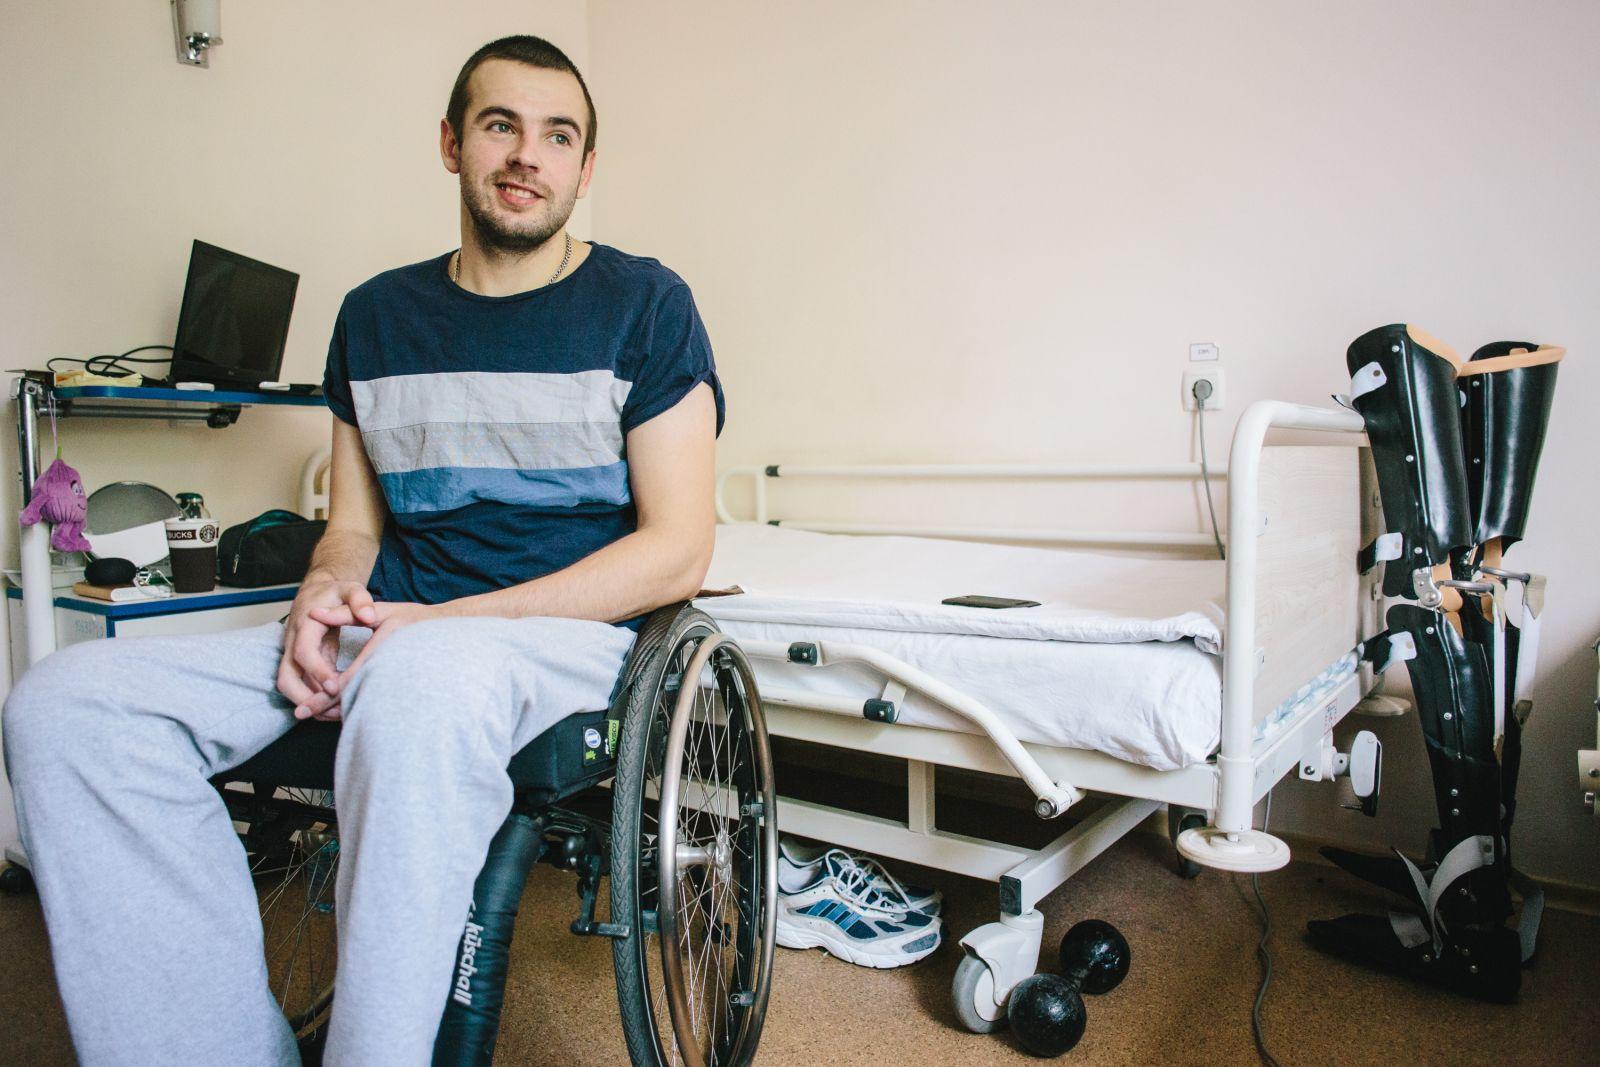 У Артура — спинальная травма, повреждён позвоночник. Фото: Павел Пахоменко